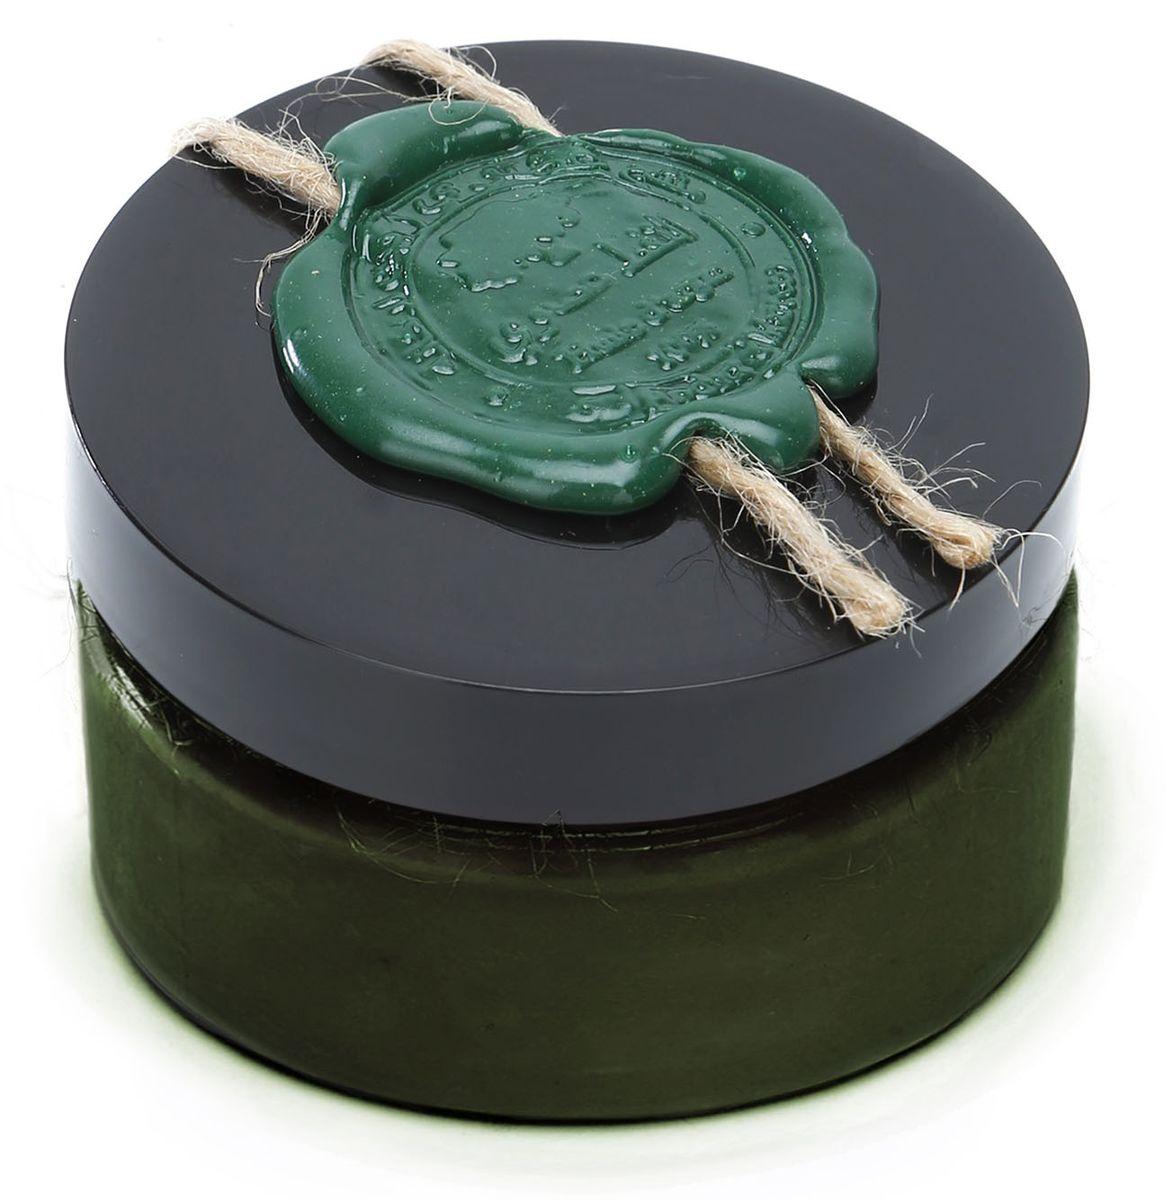 Huilargan Марокканское черное мыло Бельди с маслом эвкалипта, 50 г2990000004543Марокканское черное мыло Бельди обогащено маслом эвкалипта - это на все 100 натуральное косметическое мыло растительного происхождения. Это настоящее черное мыло - густая масса с приятным запахом, которая служит в 5 раз дольше аналогов, так как содержит меньше воды.Марокканское черное мыло - богато витамином Е, глубоко очищает кожу и поры, растворяет загрязнения и отмершие клетки; обладает увлажняющим, успокаивающим и смягчающим свойствами; подходит для всех типов кожи; не раздражает и не сушит кожу. В Марокко используют черное мыло в основном в хаммамах, но его также можно использовать в ванной.